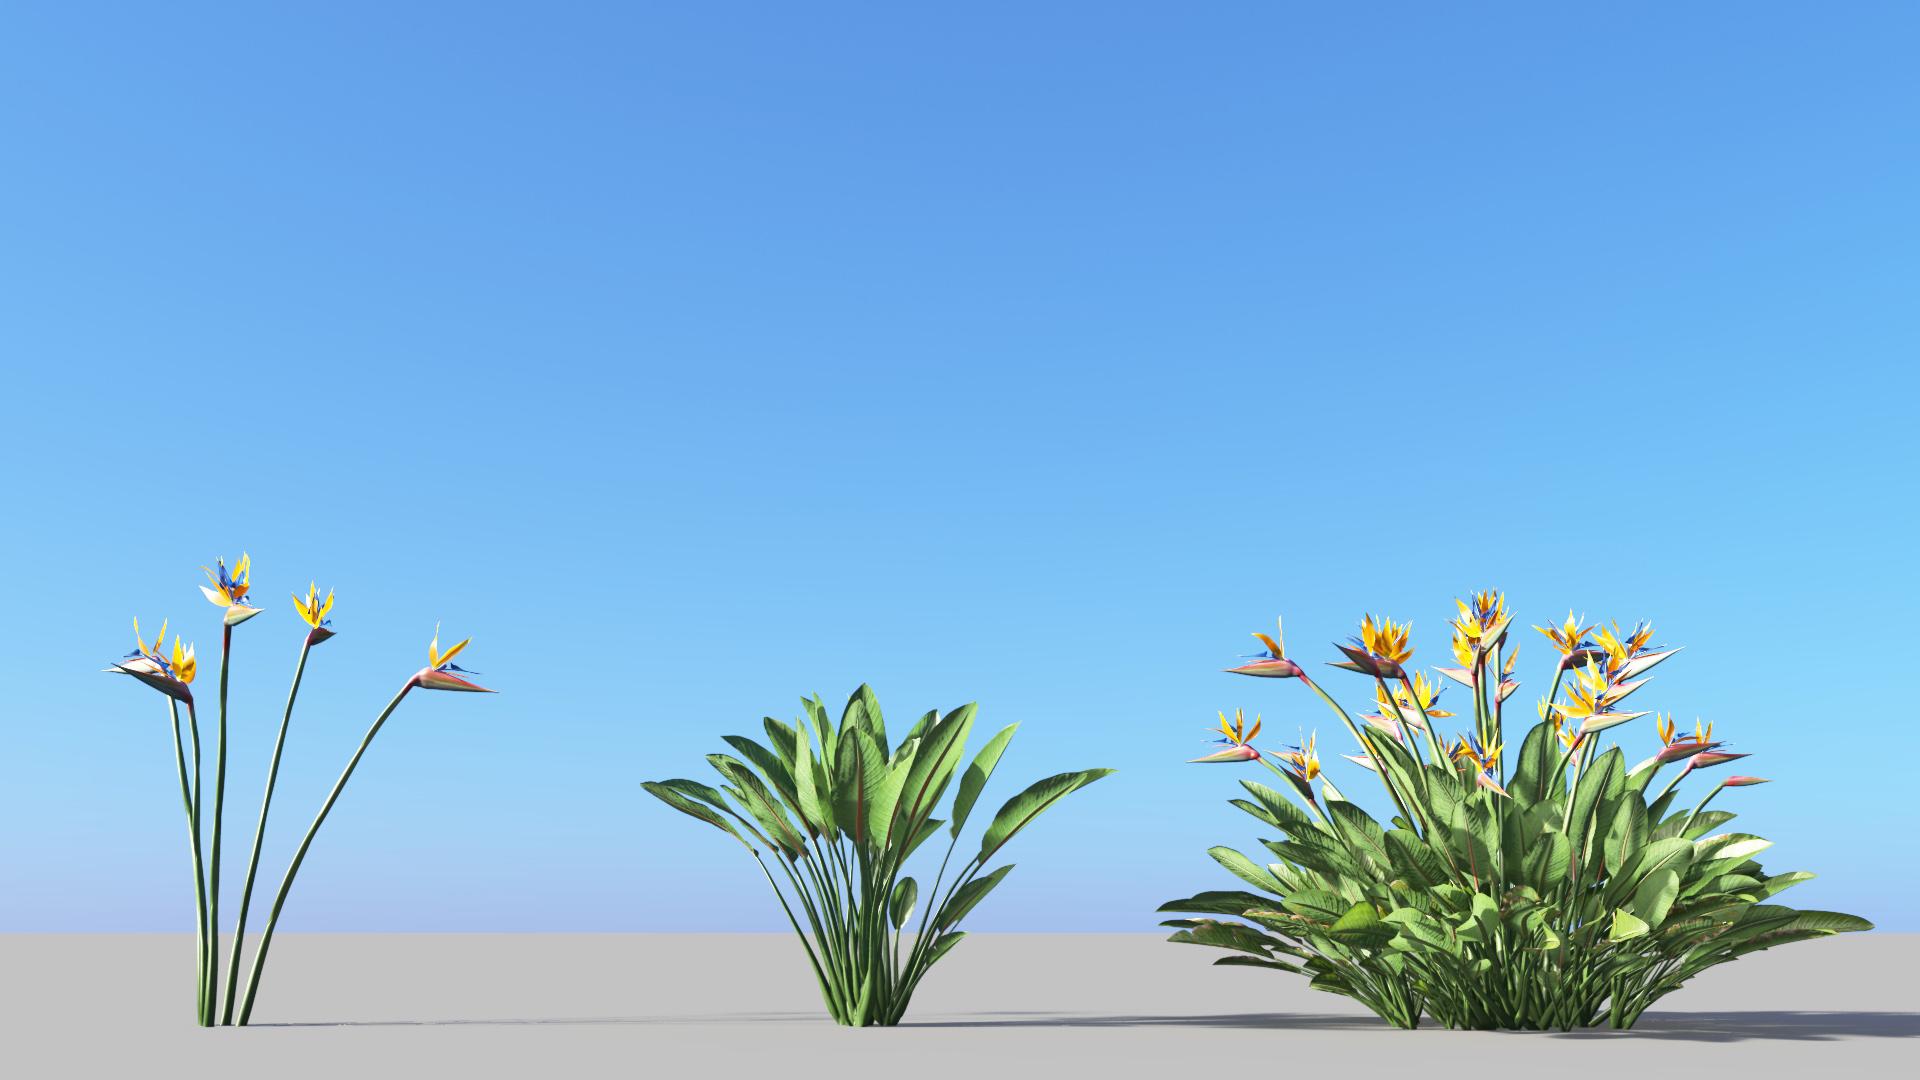 3D model of the Bird of paradise Strelitzia reginae